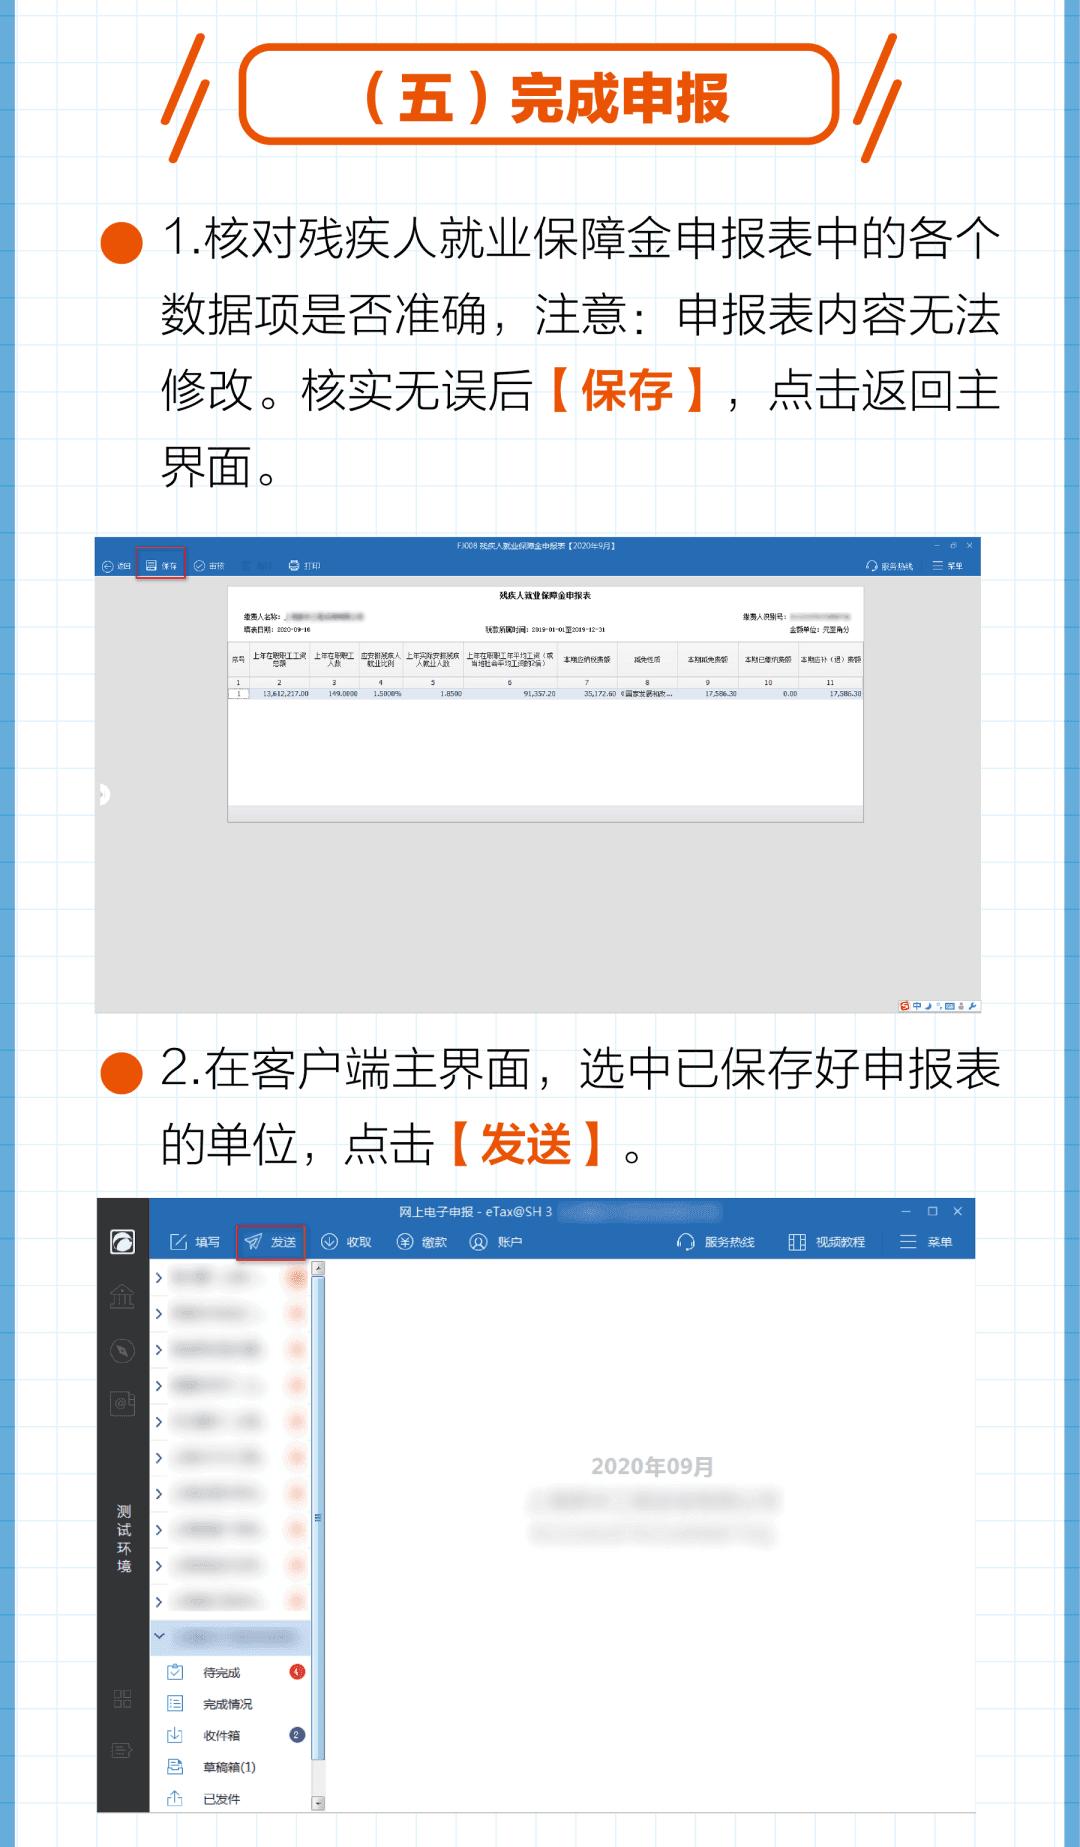 2020年上海残疾人就业保障金开始申报缴费啦!【操作指南】带您一图读懂网上申报缴费全流程!插图(9)